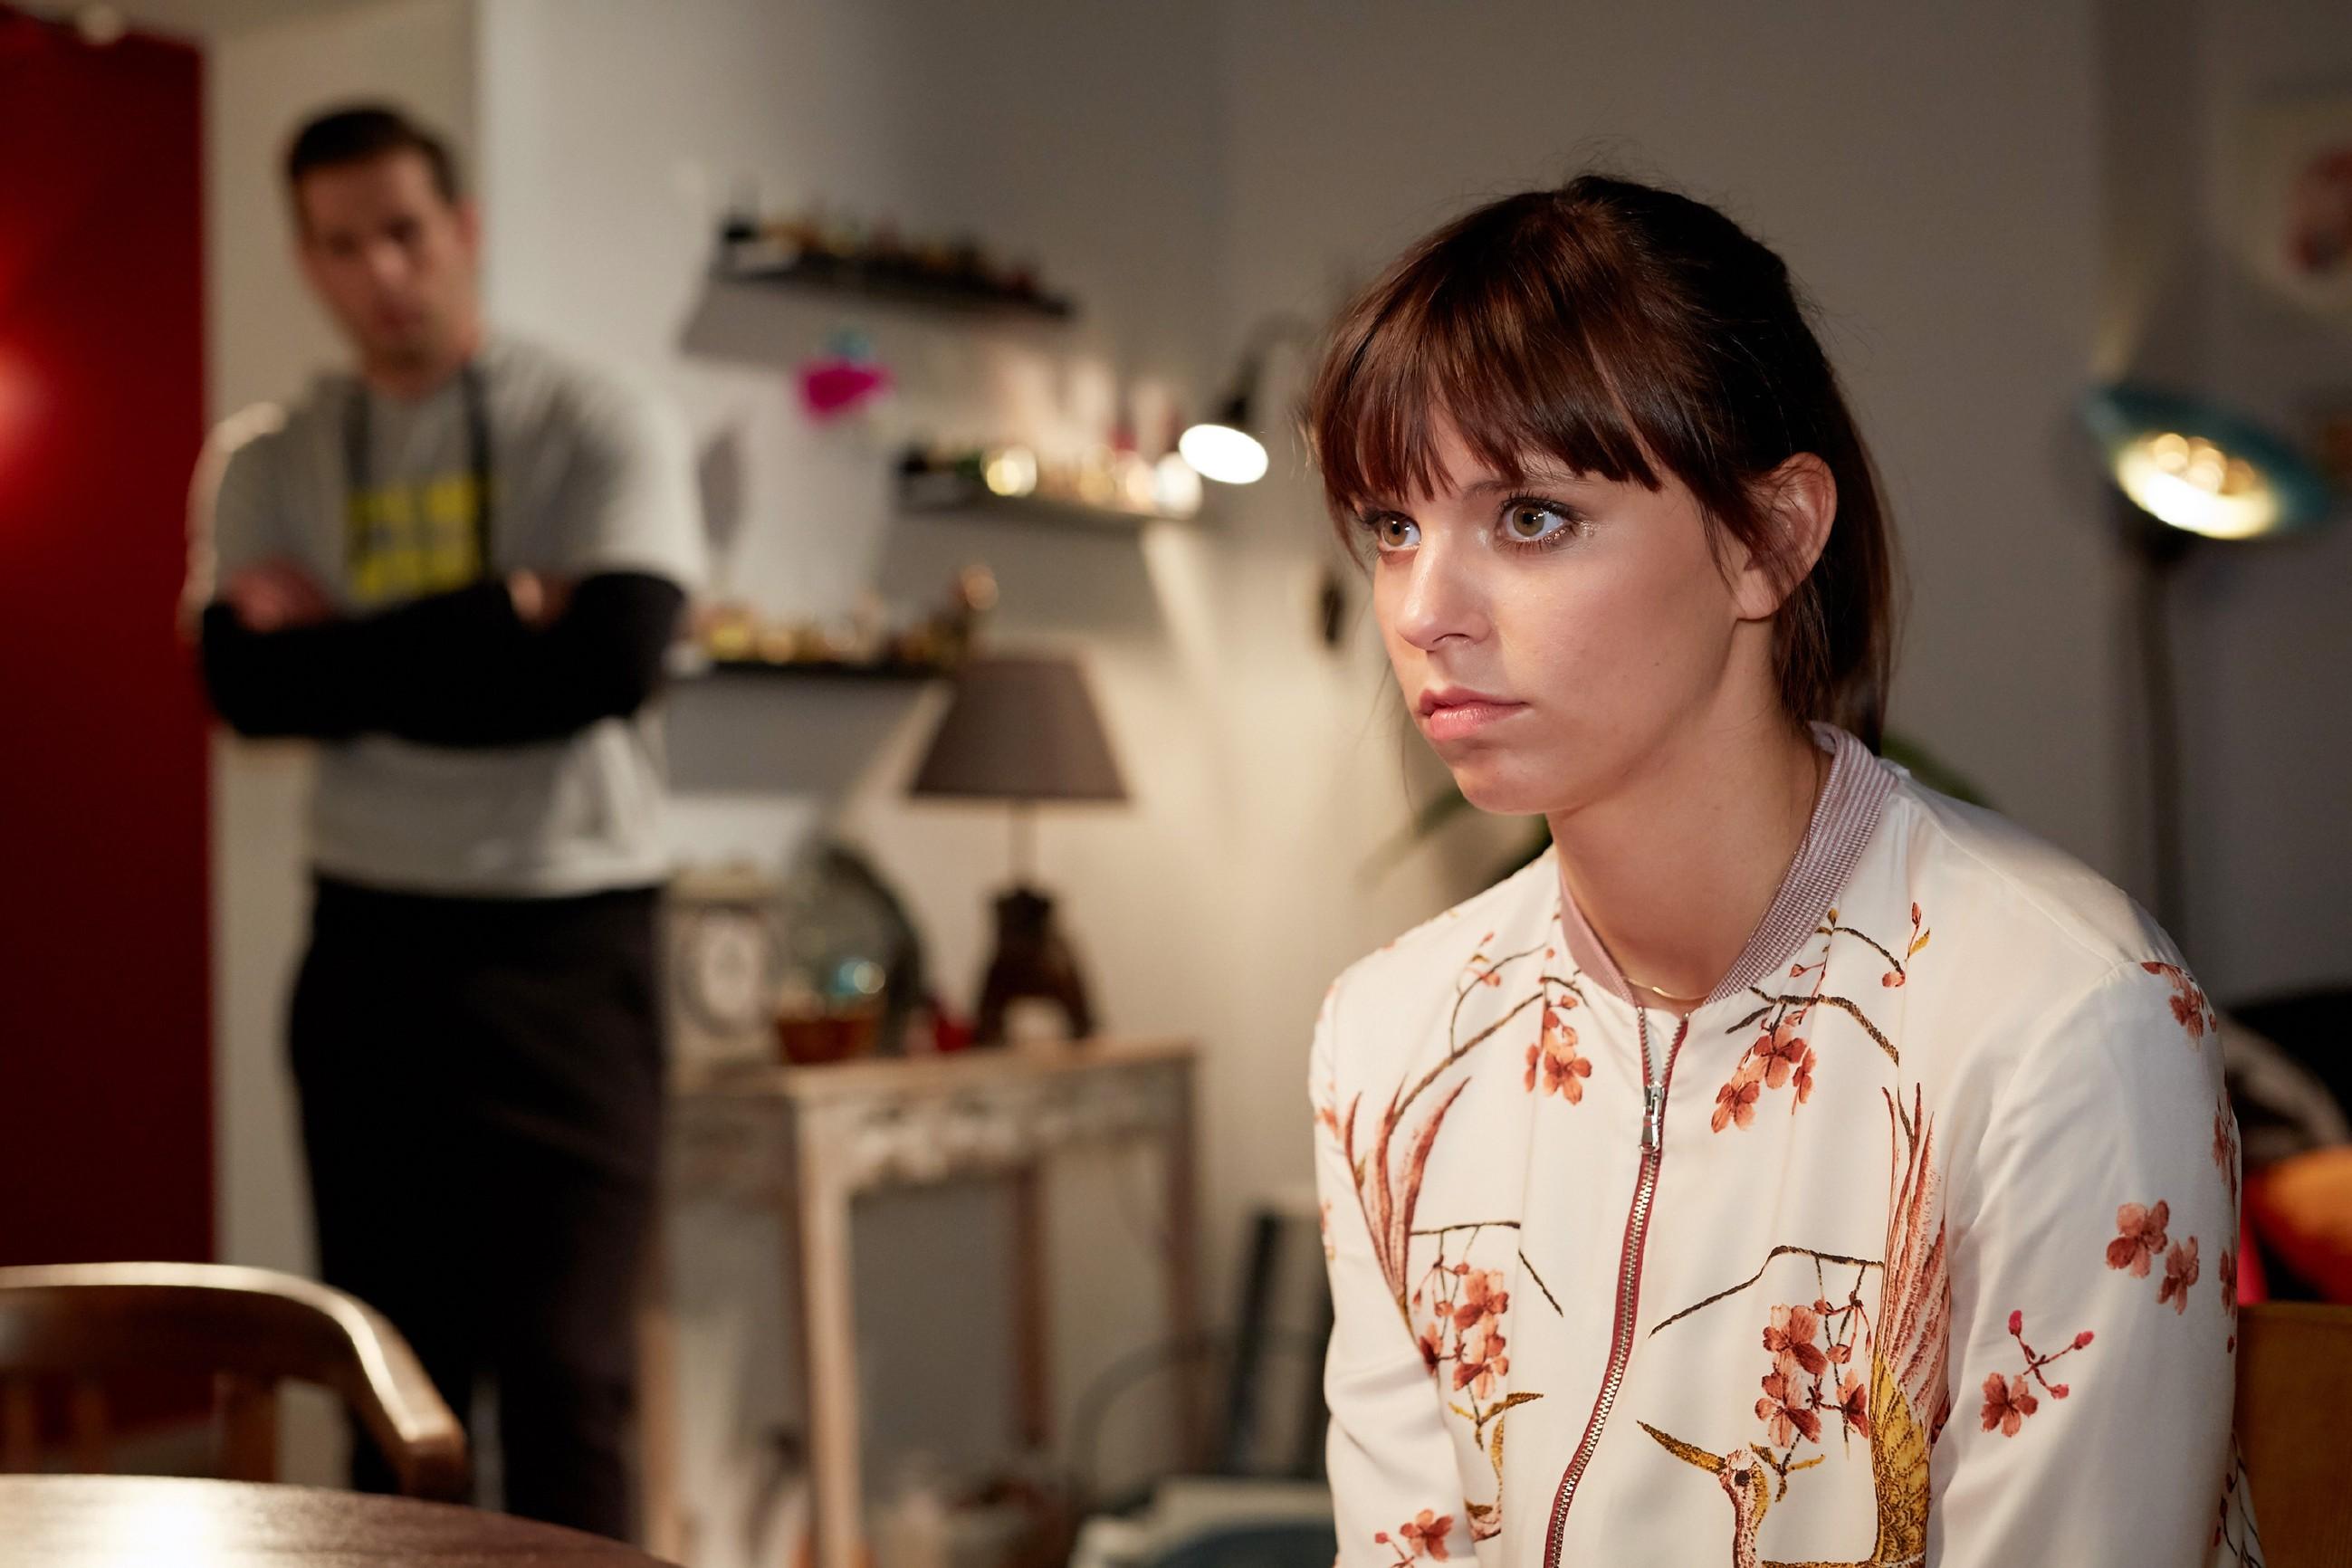 Nachdem Deniz (Igor Dolgatschew) Michelle (Franziska Benz) aus einer unangehmenen Situation geholfen hat und sich danach um sie kümmert, beginnt Michelle Deniz mit anderen Augen zu sehen... (Quelle: RTL / Guido Engels)